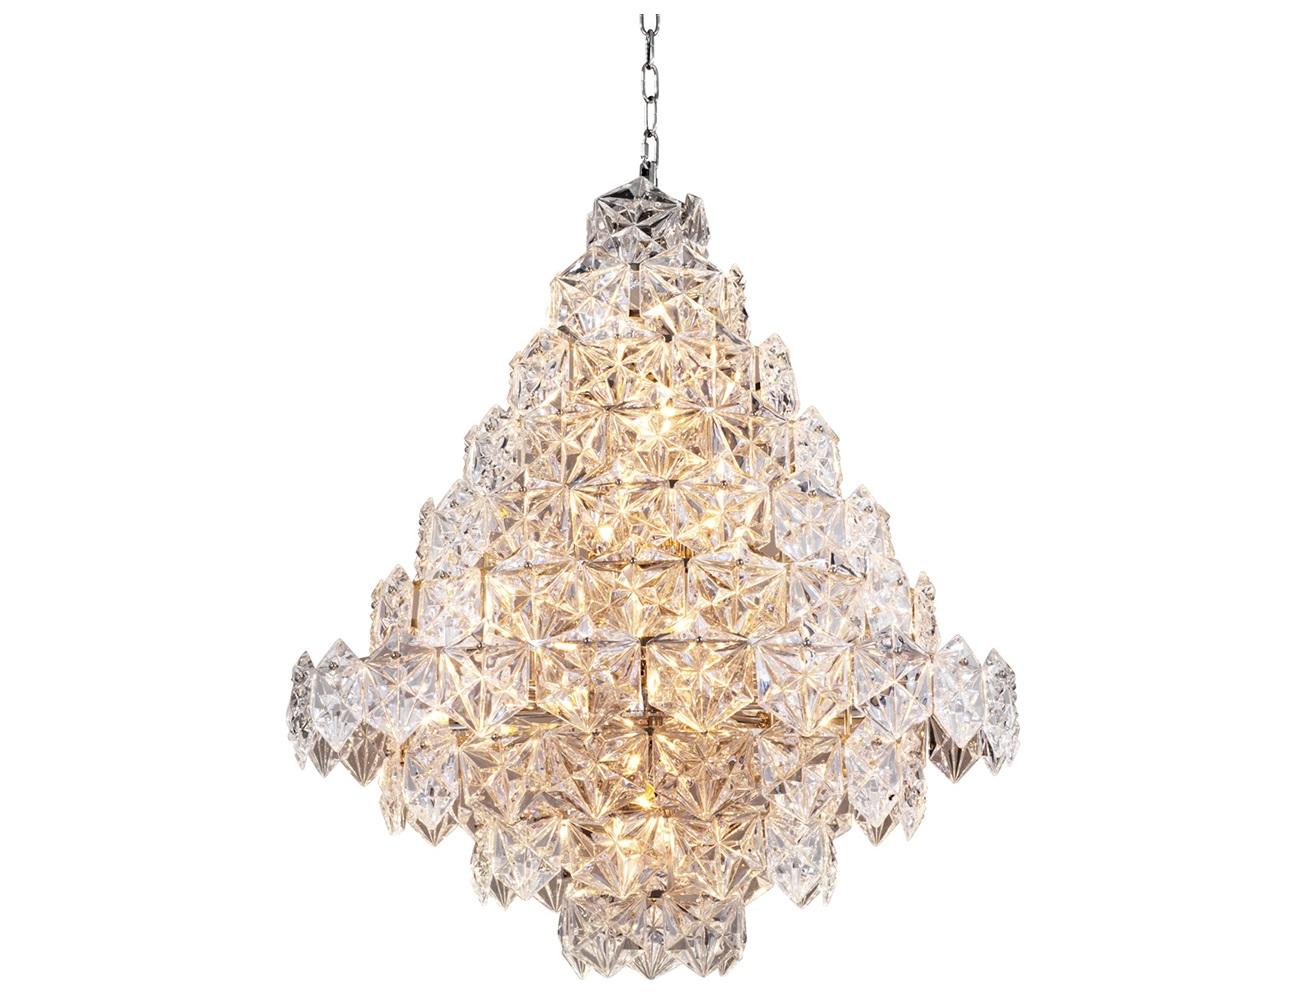 Люстра Chandelier Hermitage LЛюстры подвесные<br>Подвесной светильник Chandelier Hermitage L на никелированной арматуре. Плафон выполнен из множества пластин из фактурного прозрачного стекла. Высота светильника регулируется за счет звеньев цепи.&amp;lt;div&amp;gt;&amp;lt;br&amp;gt;&amp;lt;/div&amp;gt;&amp;lt;div&amp;gt;&amp;lt;div&amp;gt;Вид цоколя: E14&amp;lt;/div&amp;gt;&amp;lt;div&amp;gt;Мощность лампы: 40W&amp;lt;/div&amp;gt;&amp;lt;div&amp;gt;Количество ламп: 12&amp;lt;/div&amp;gt;&amp;lt;/div&amp;gt;&amp;lt;div&amp;gt;&amp;lt;br&amp;gt;&amp;lt;/div&amp;gt;&amp;lt;div&amp;gt;Лампочки в комплект не входят.&amp;lt;/div&amp;gt;<br><br>Material: Стекло<br>Width см: 80<br>Depth см: 80<br>Height см: 95<br>Diameter см: None